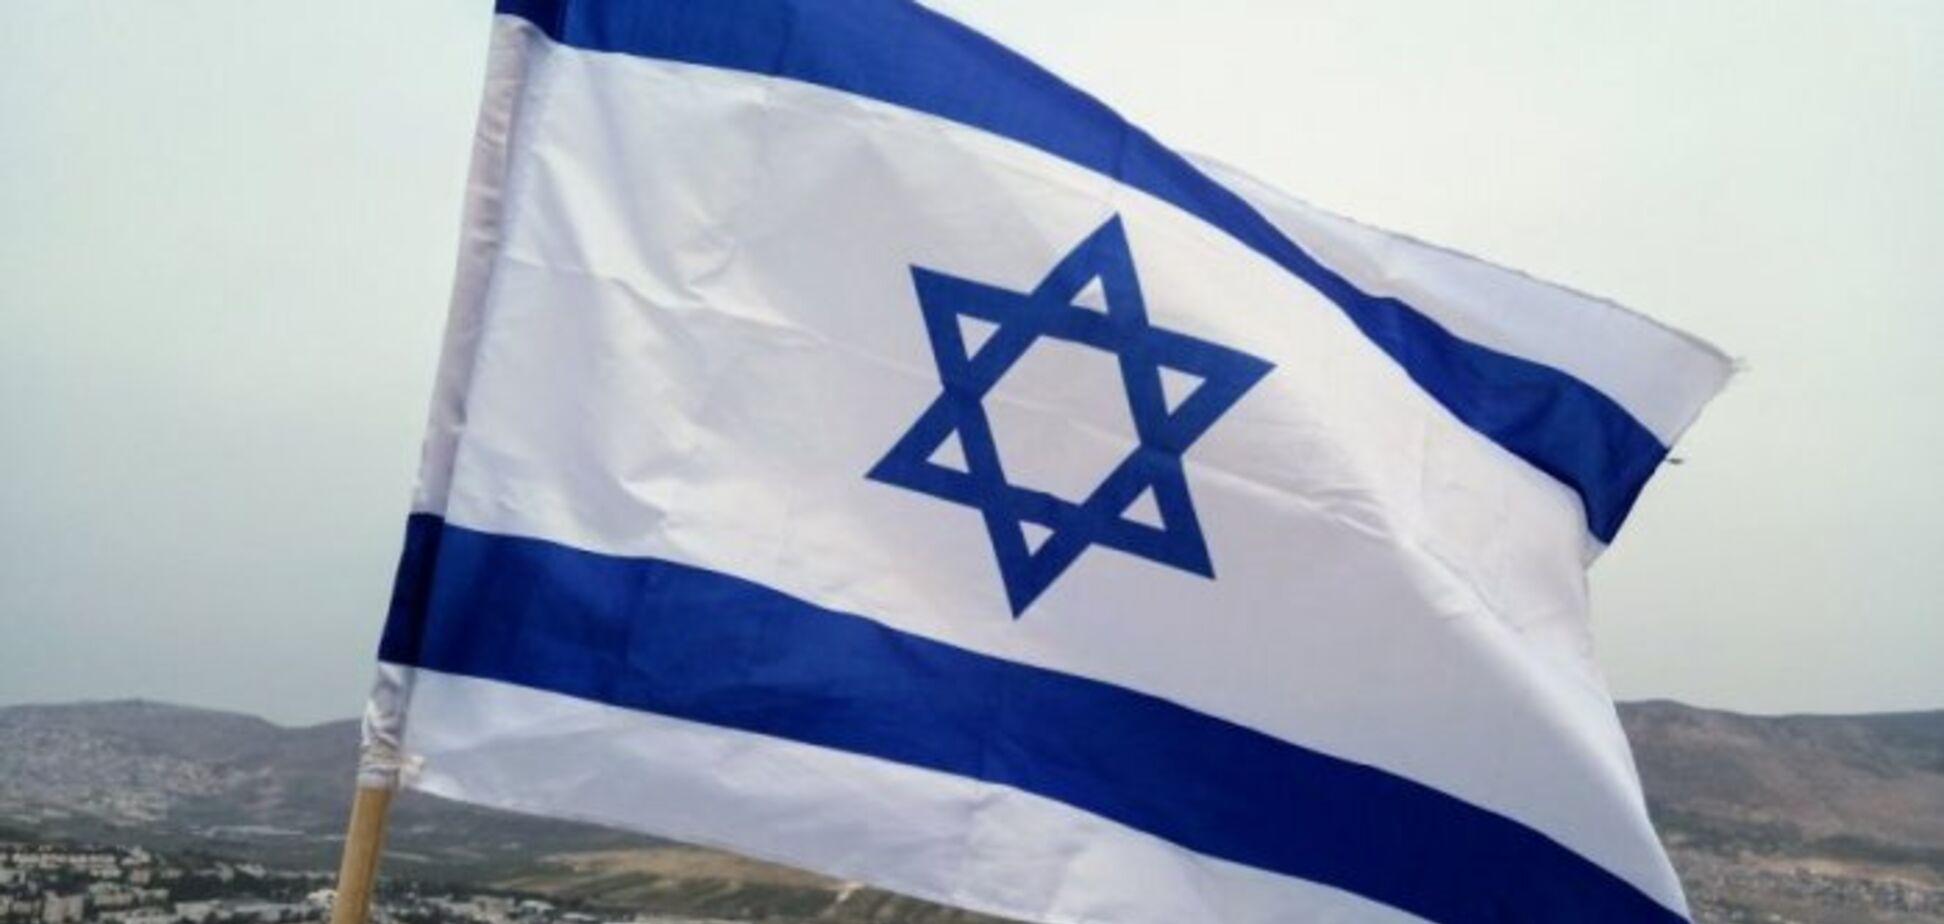 Ізраїль екстрено скликав спецслужби й армію після вбивства Сулеймані